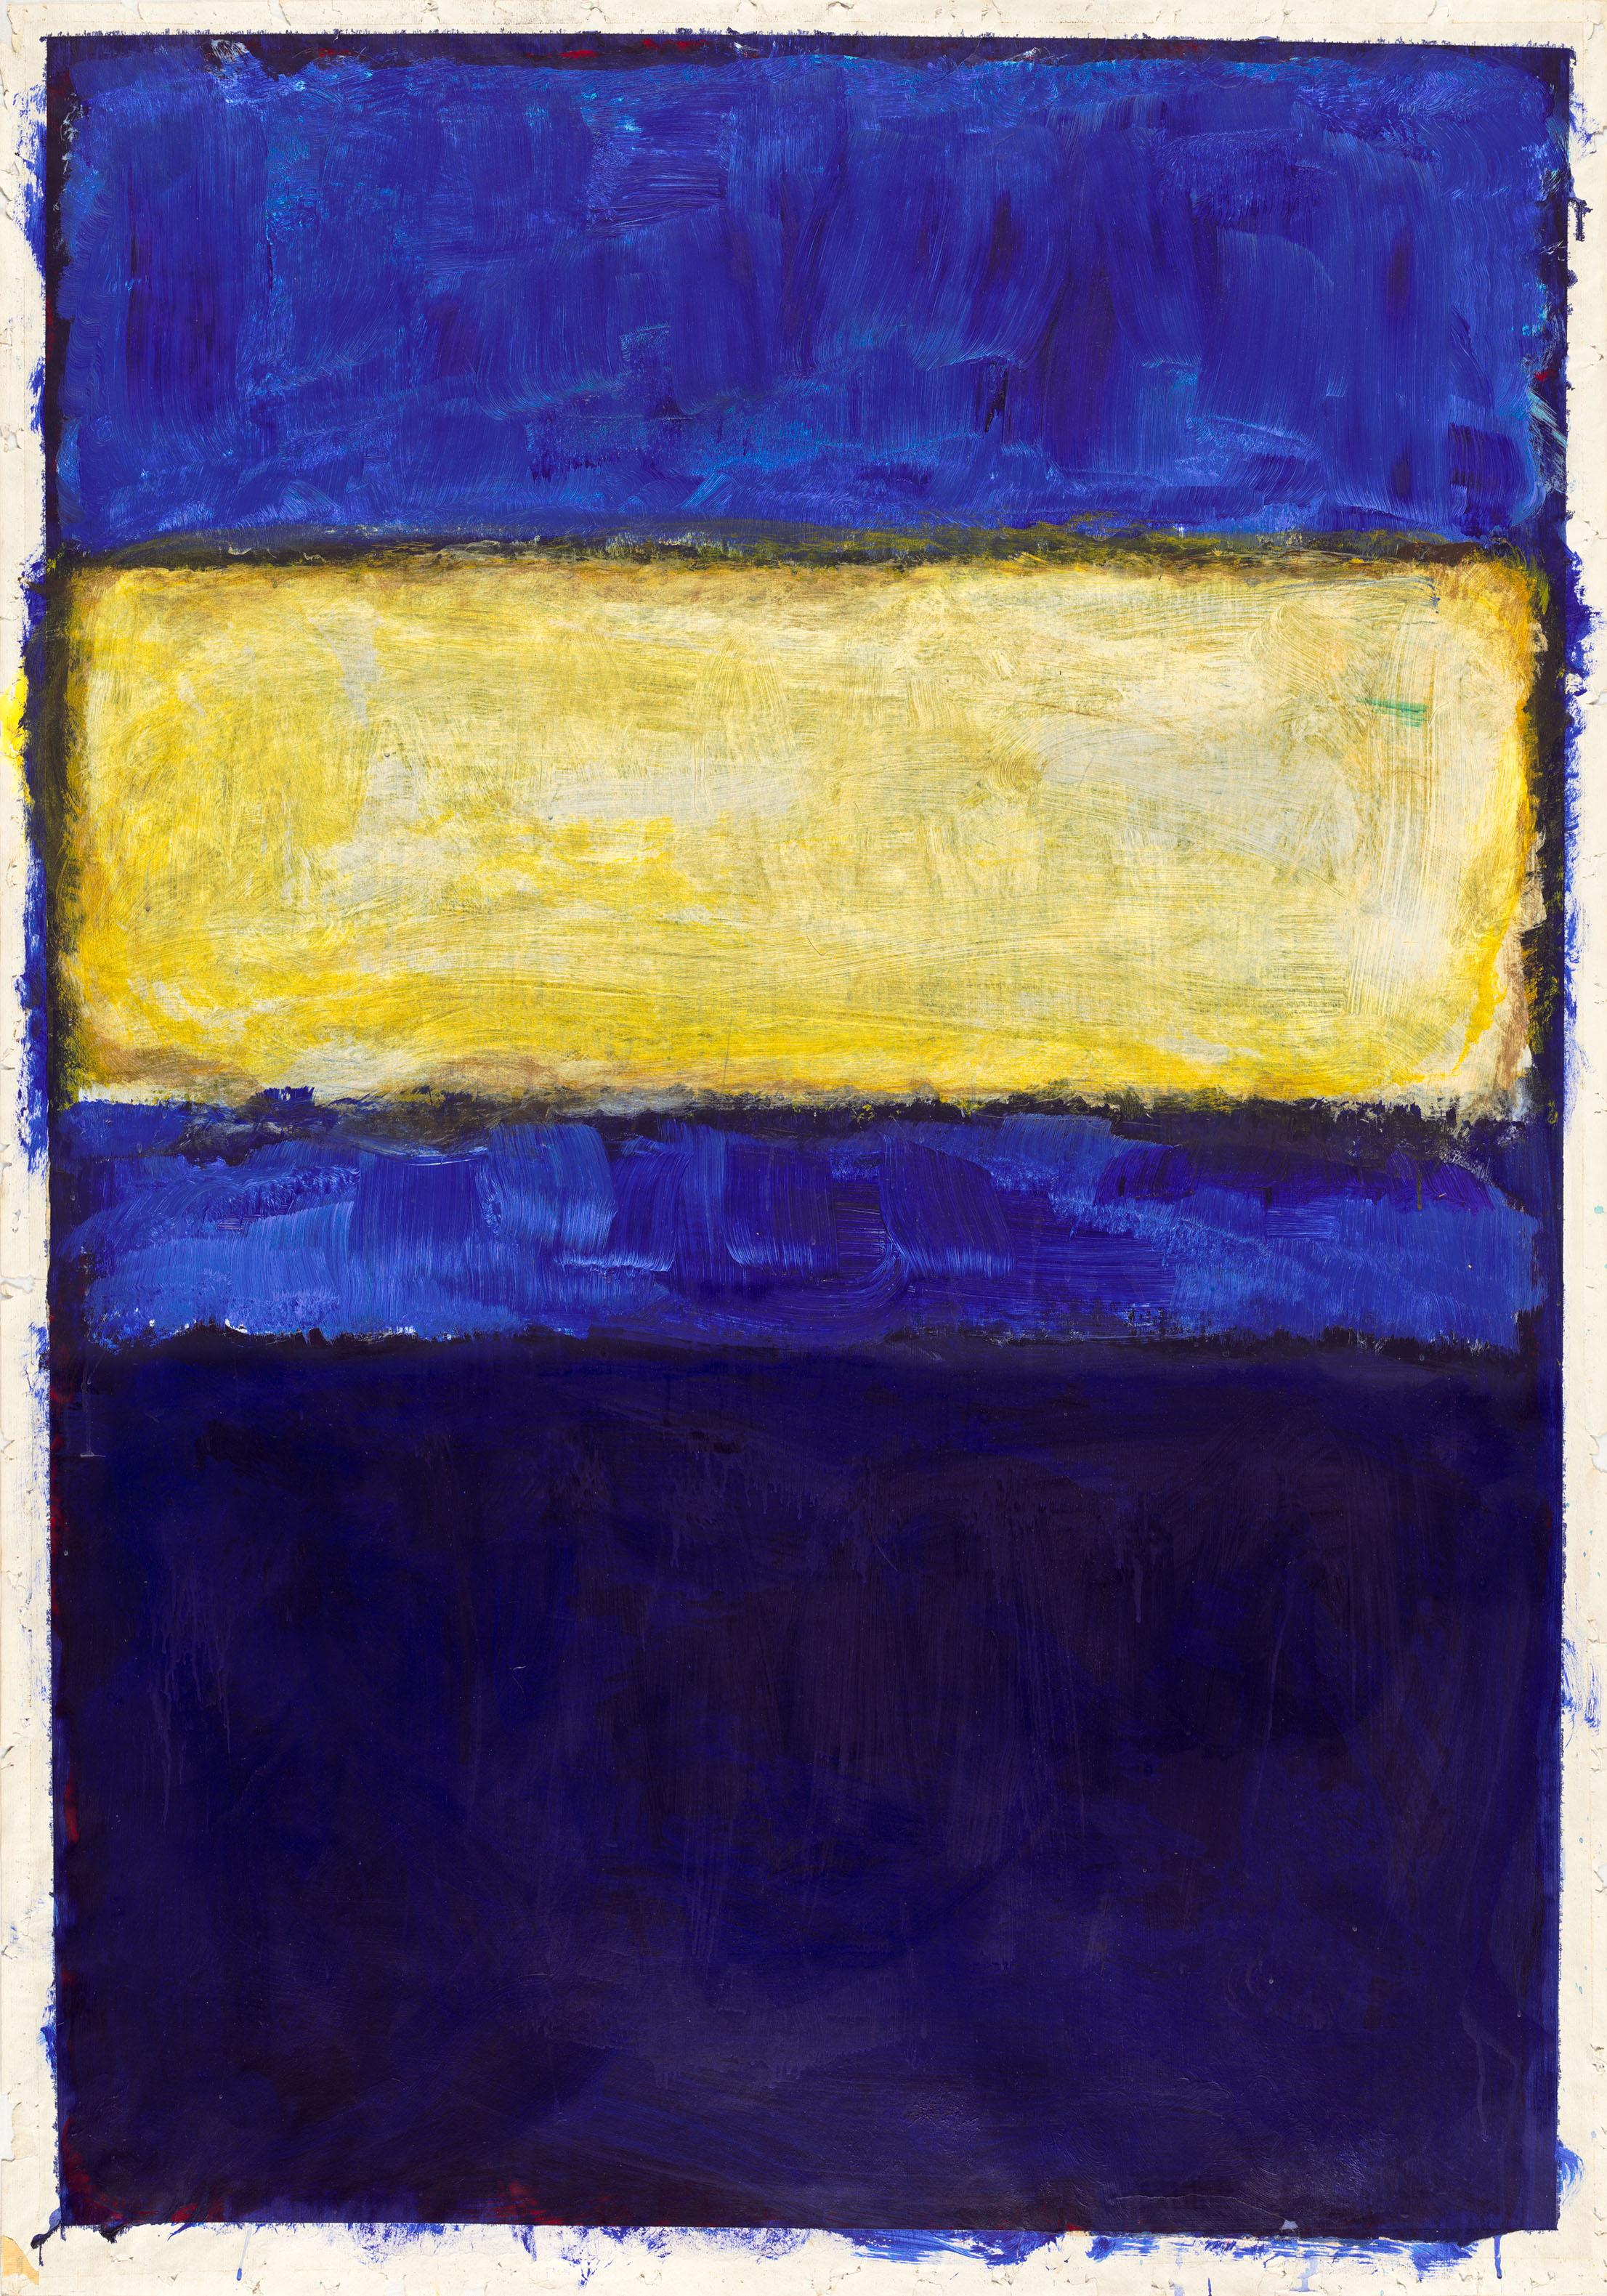 Mark Rothko: blozend roze en knallend blauw